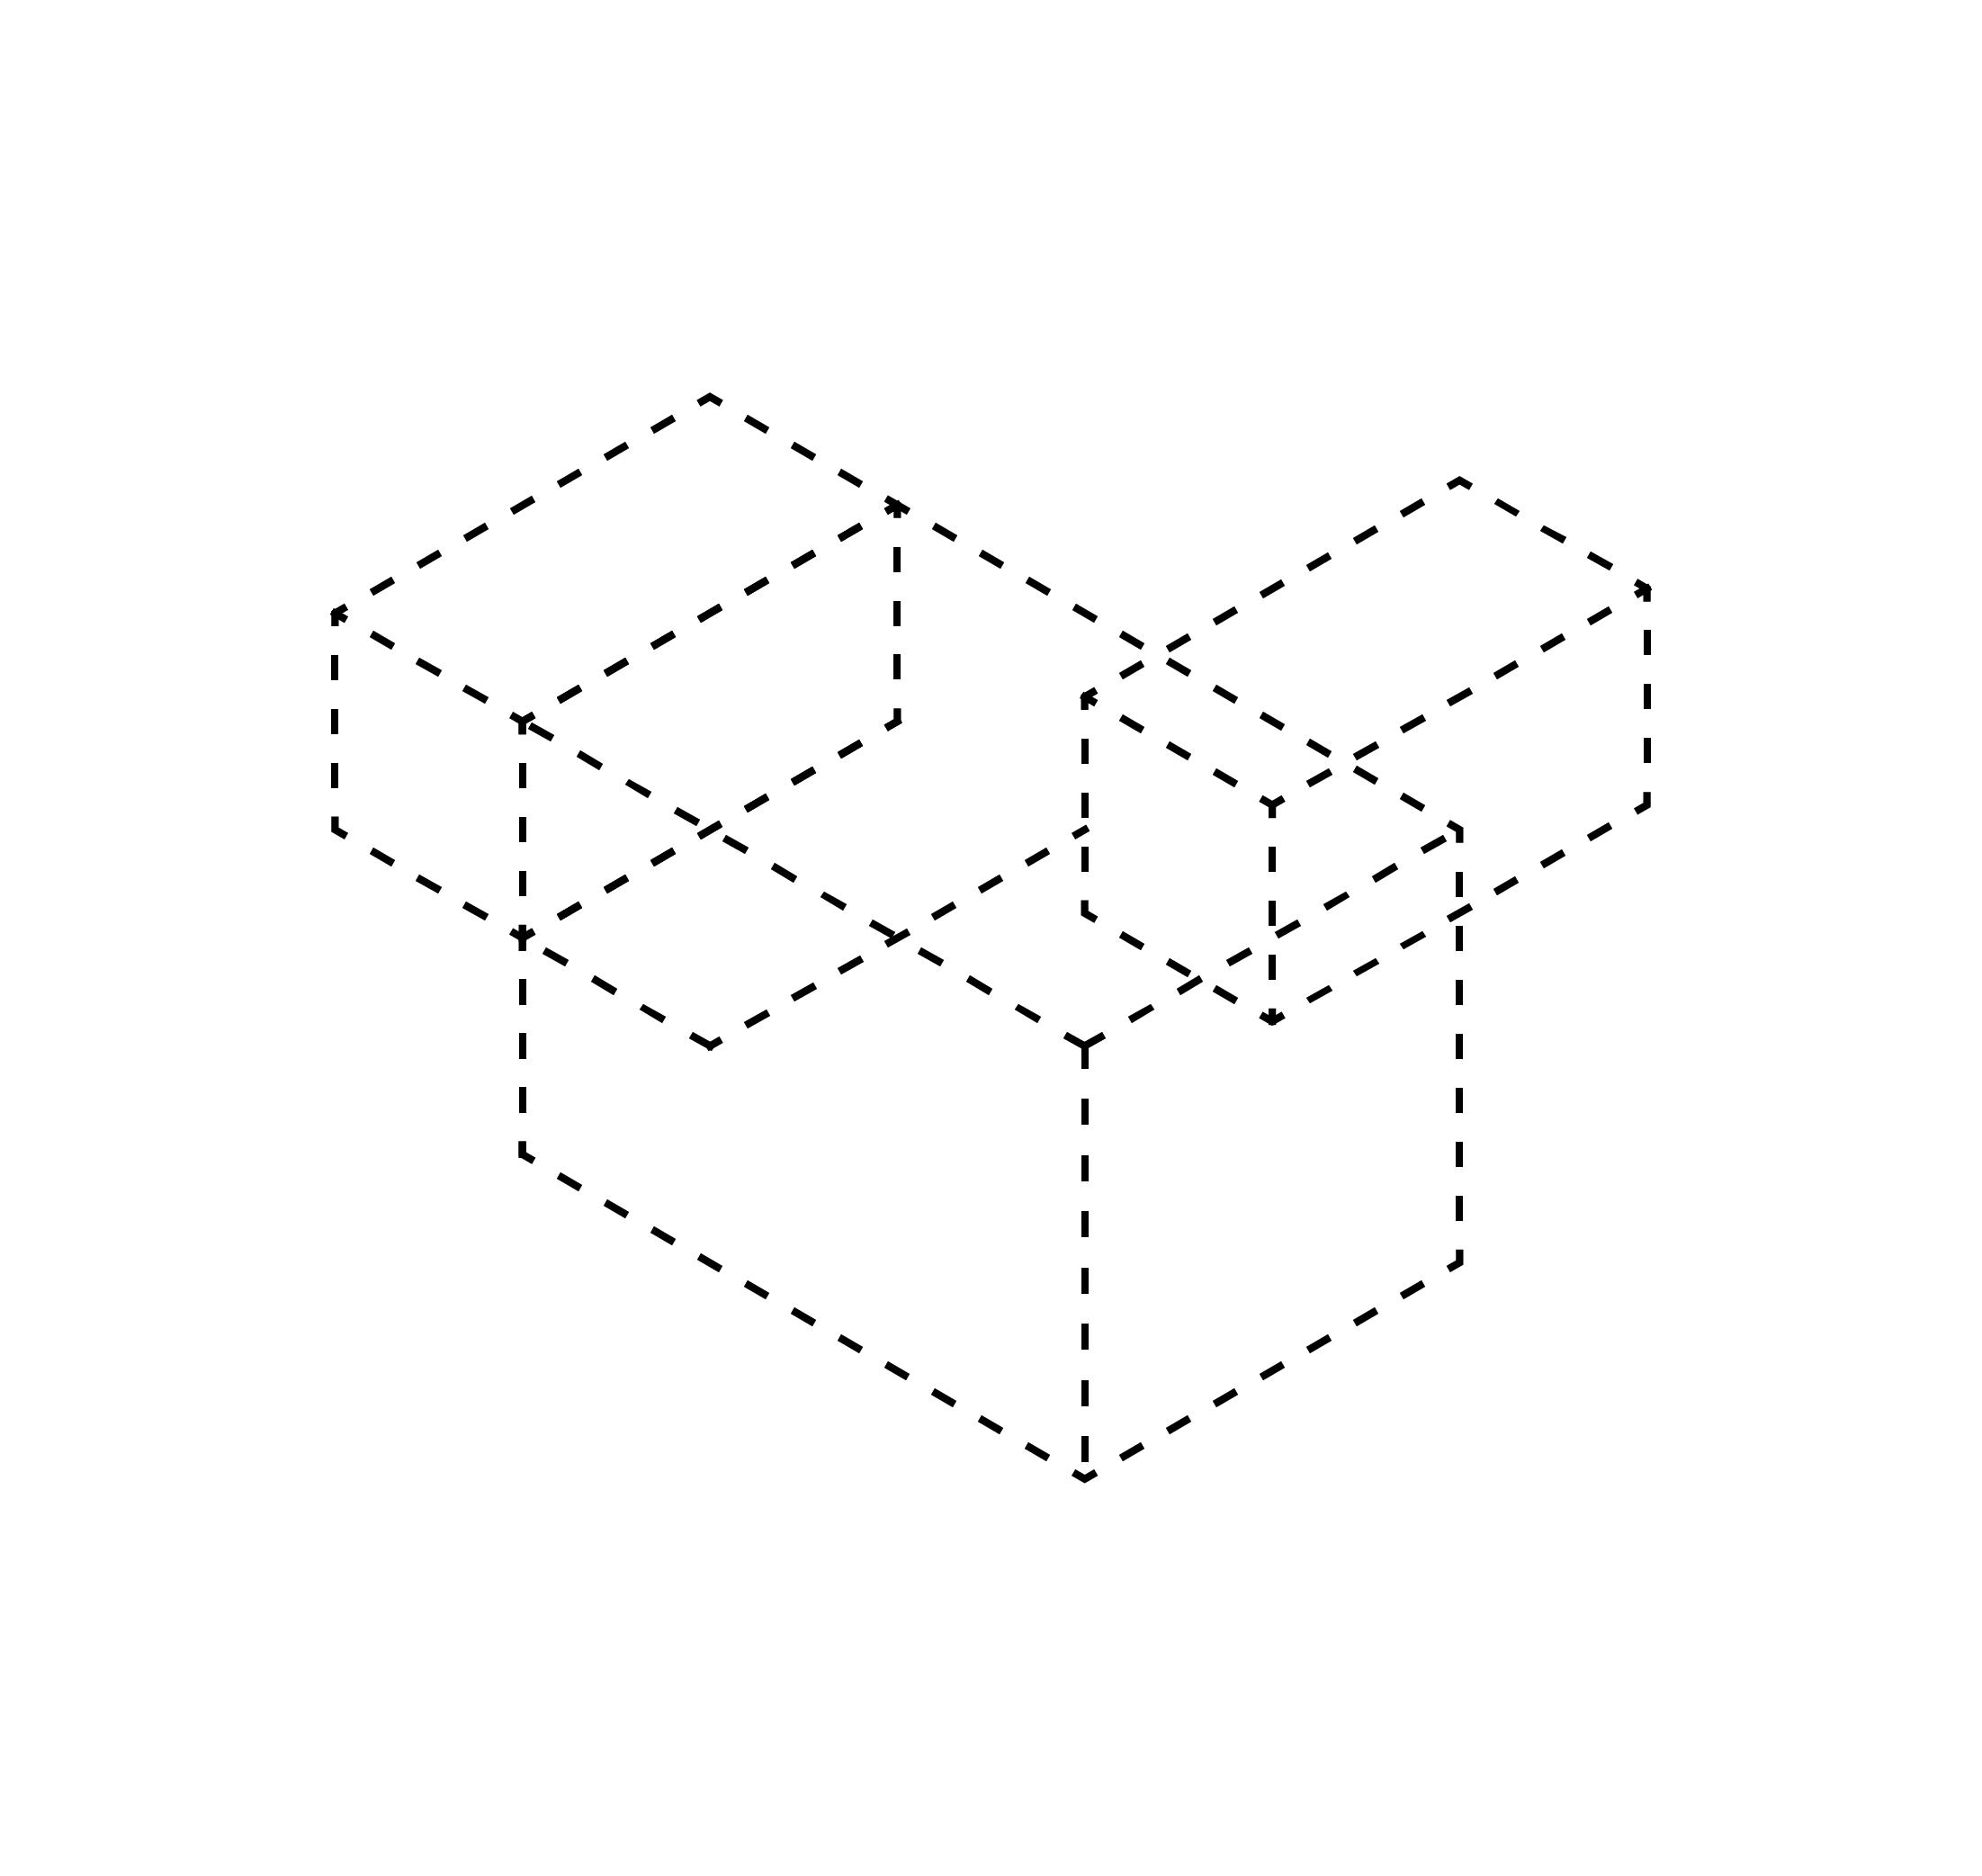 20181109_CS Sketching-06.png